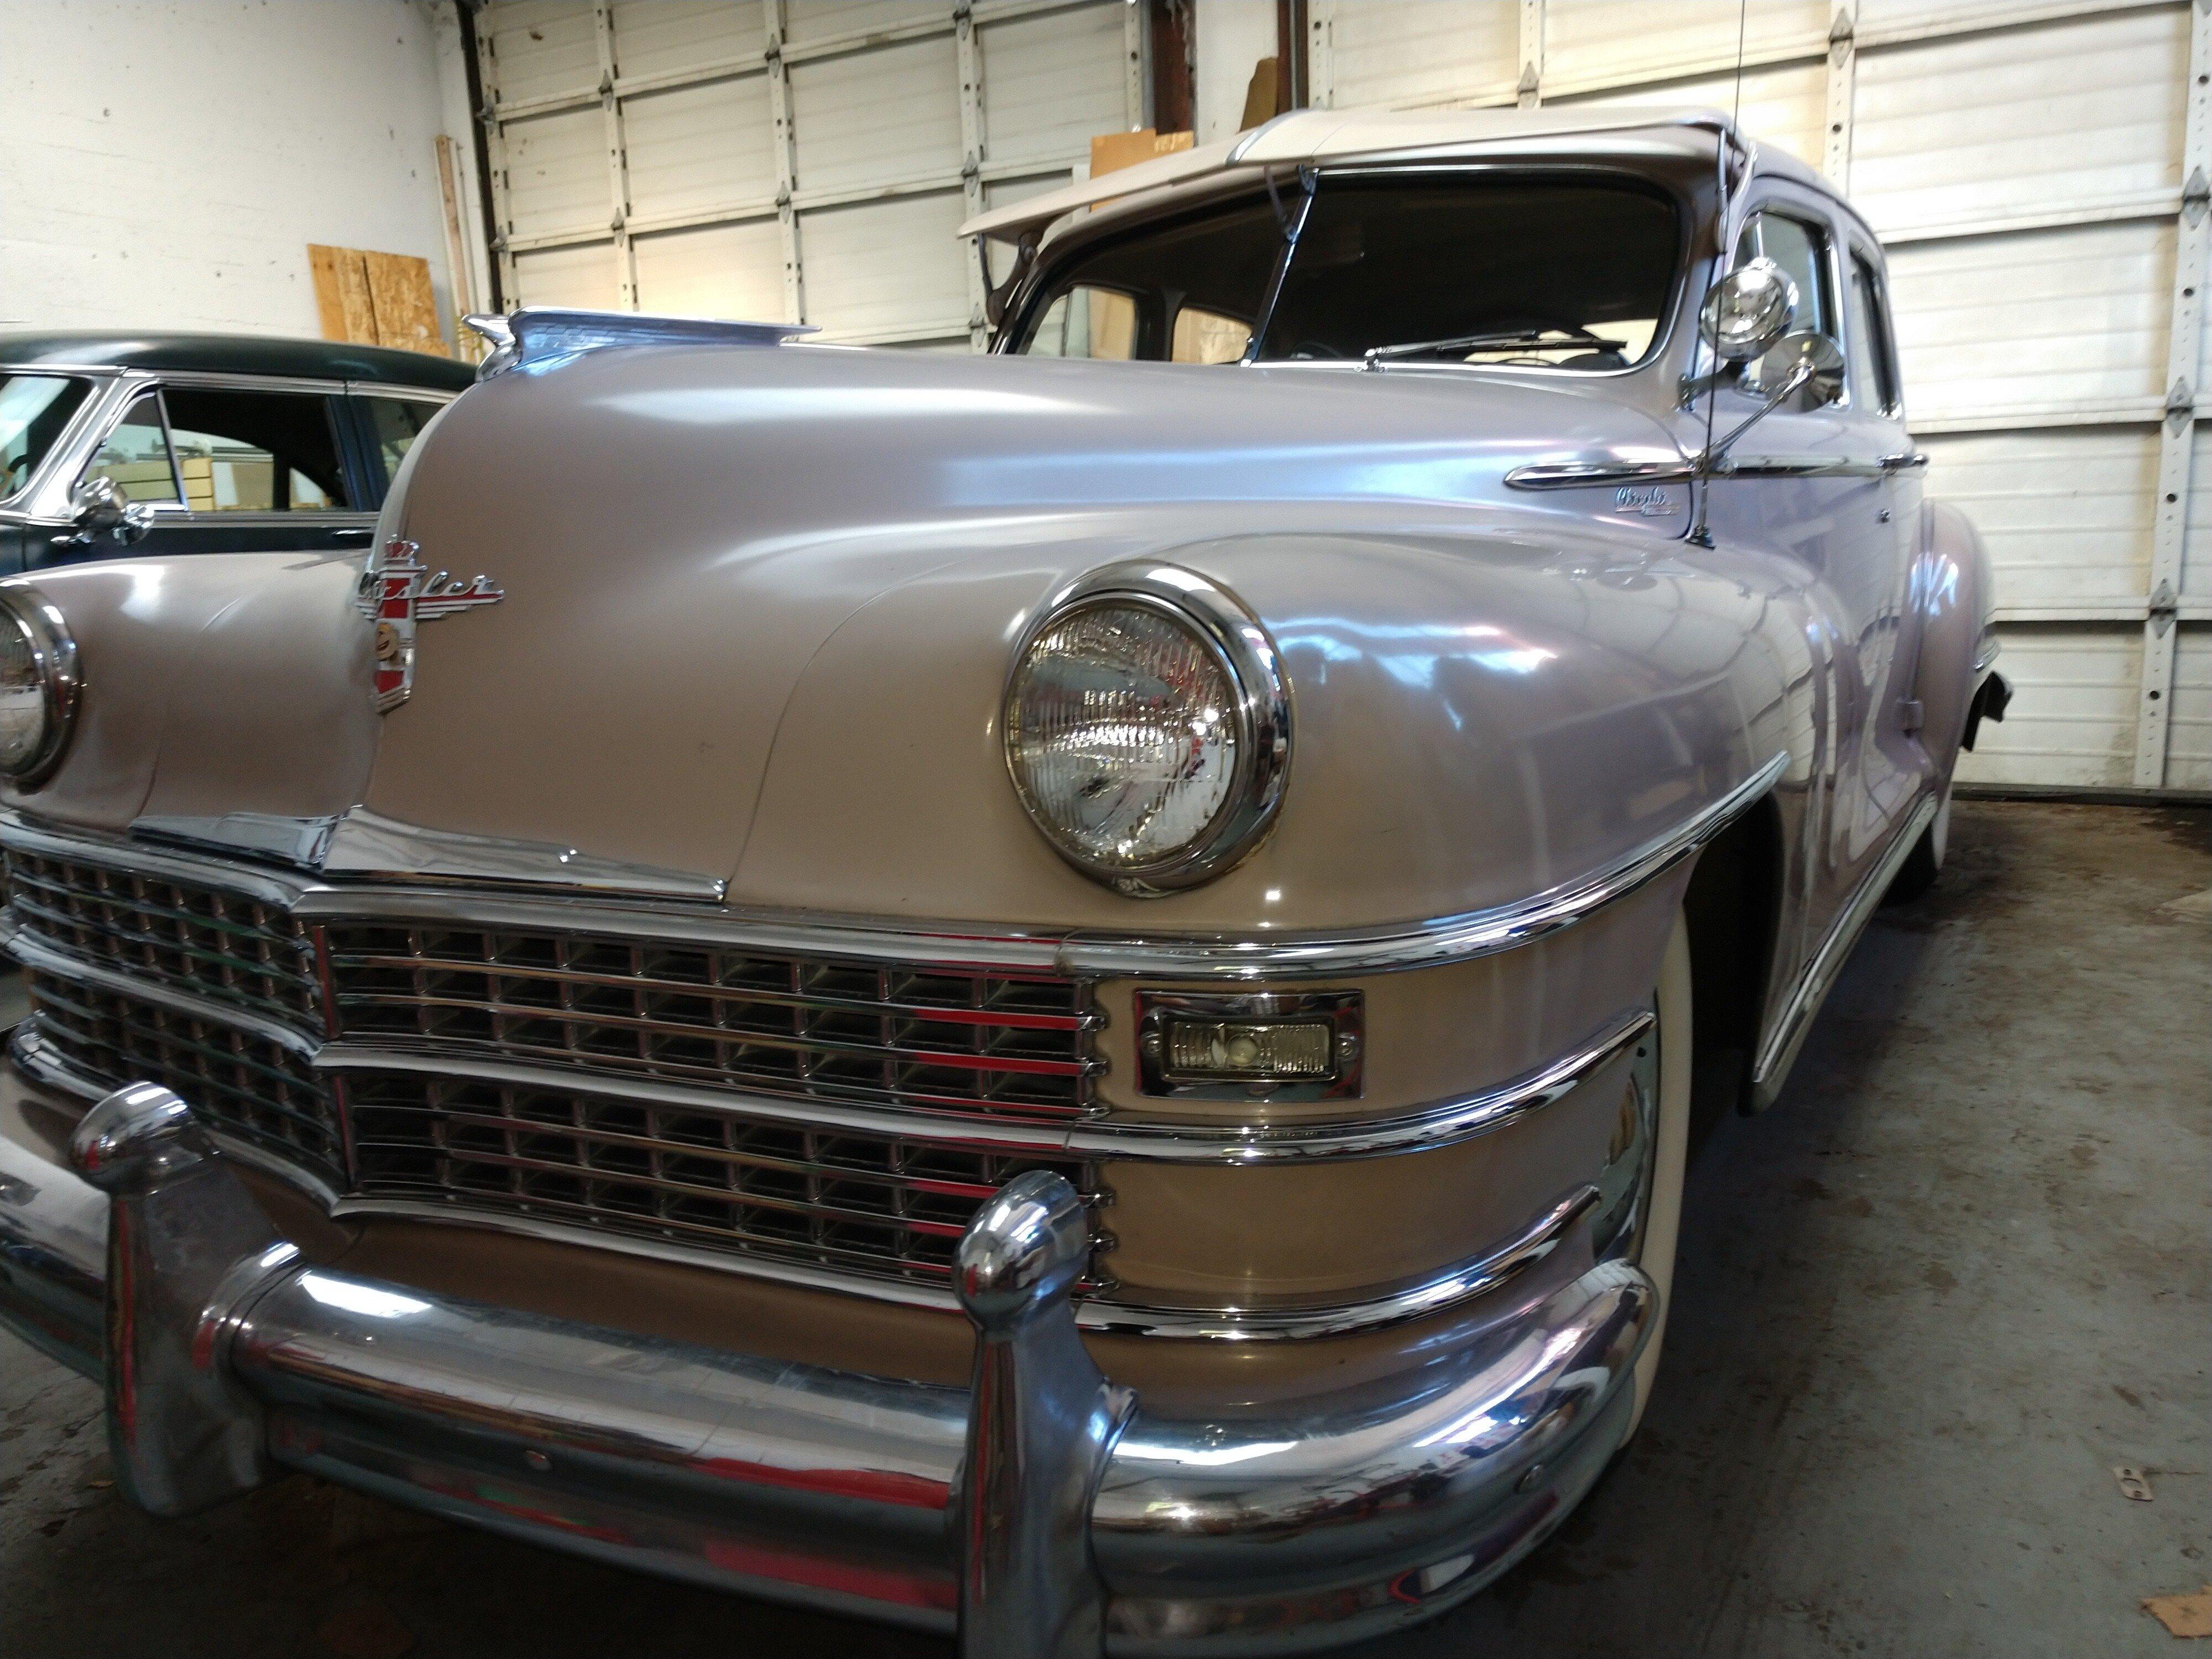 1948 Chrysler Windsor For Sale Near Portland Oregon 97232 Classics On Autotrader